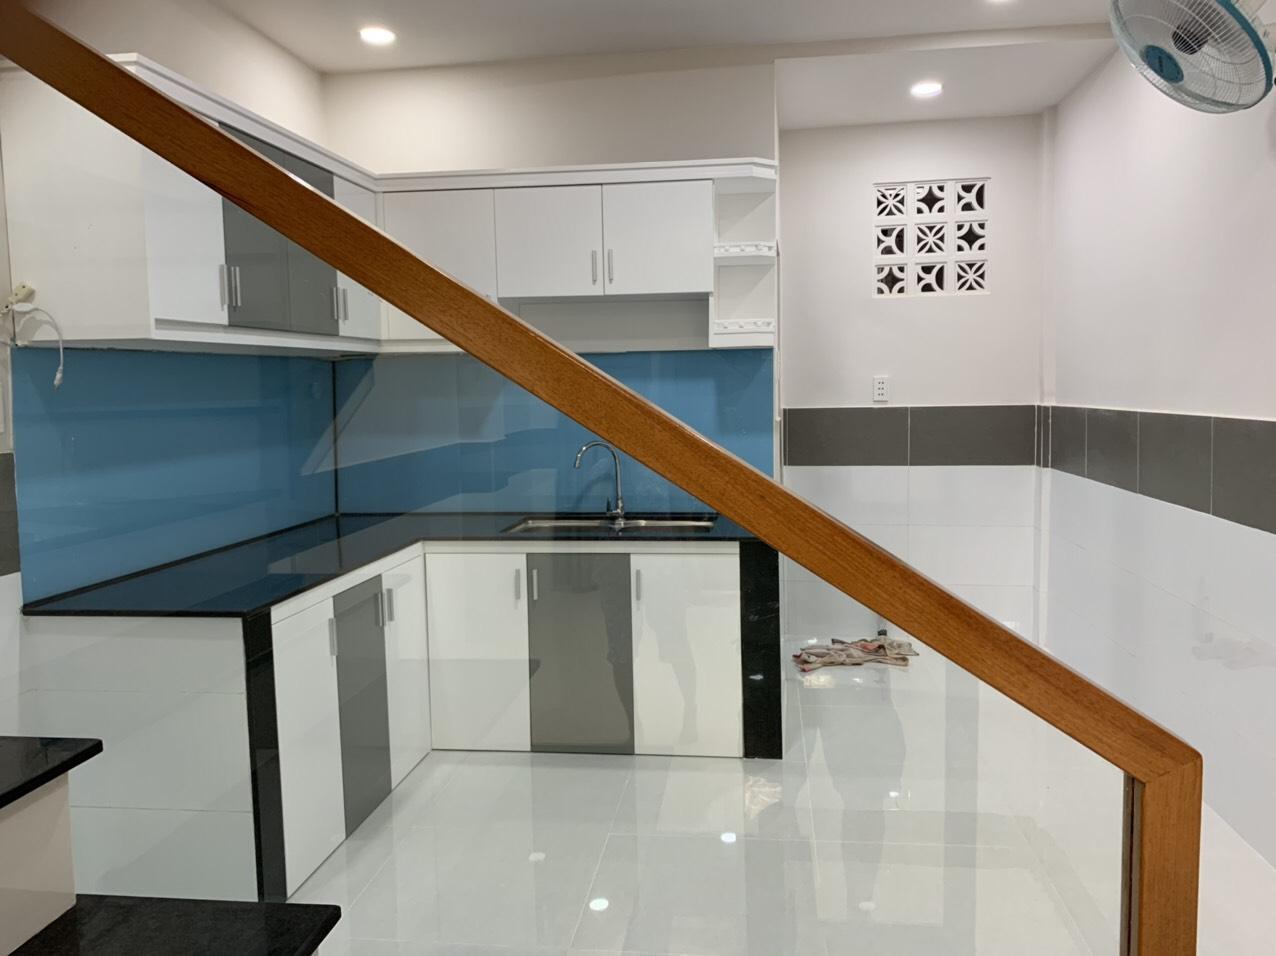 Bán nhà hẻm 118 Huỳnh Thiện Lộc phường Phú Trung quận Tân Phú. DT 3,5x11m